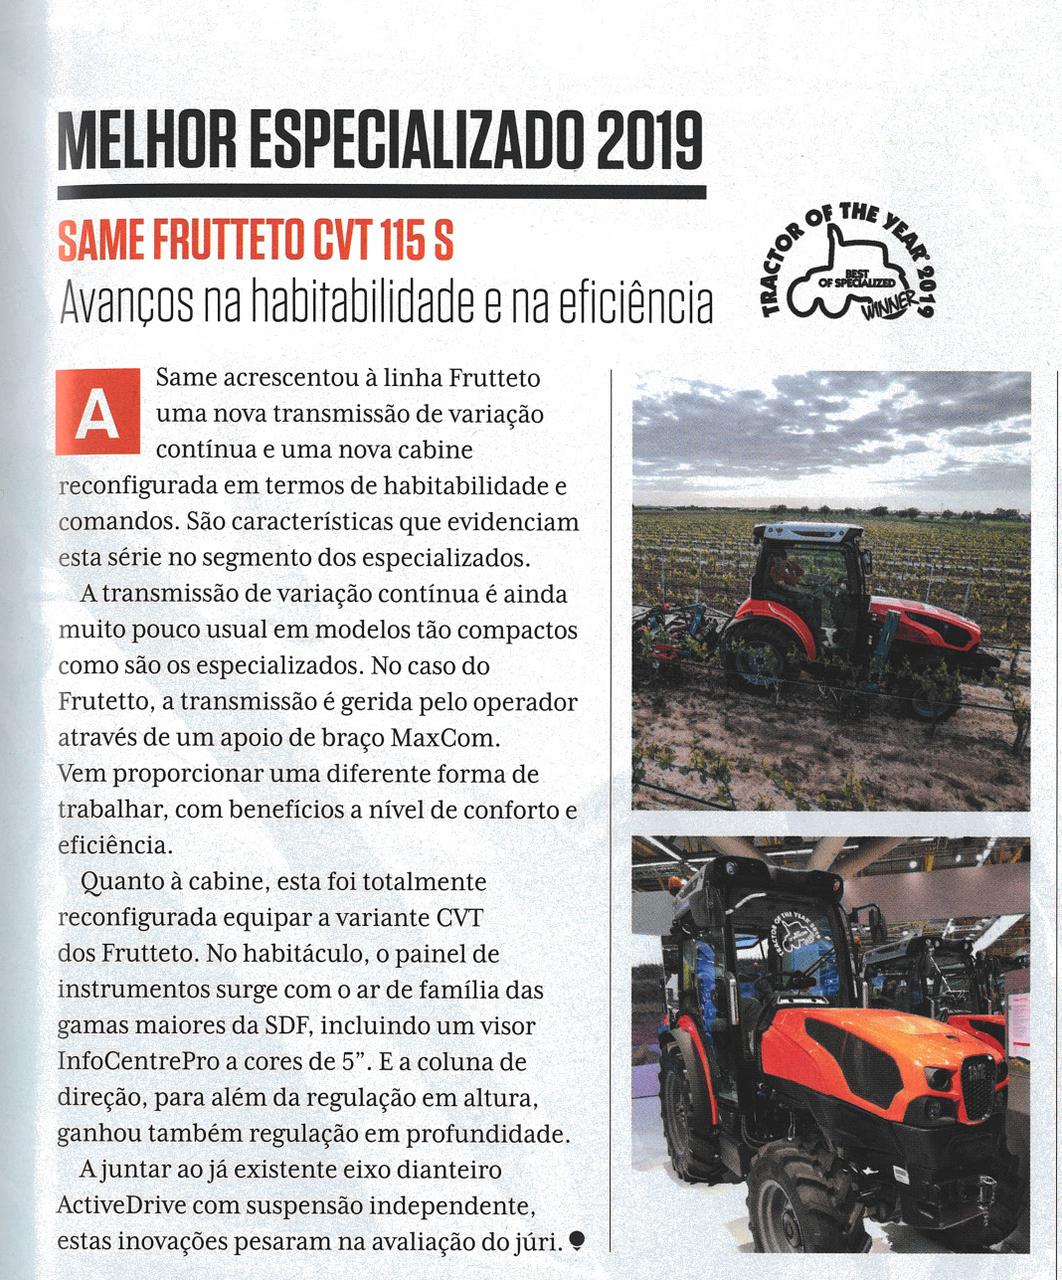 Melhor especializado 2019 / Same Frutteto CVT 115 S. Avanços na habitabilidade e na eficiência